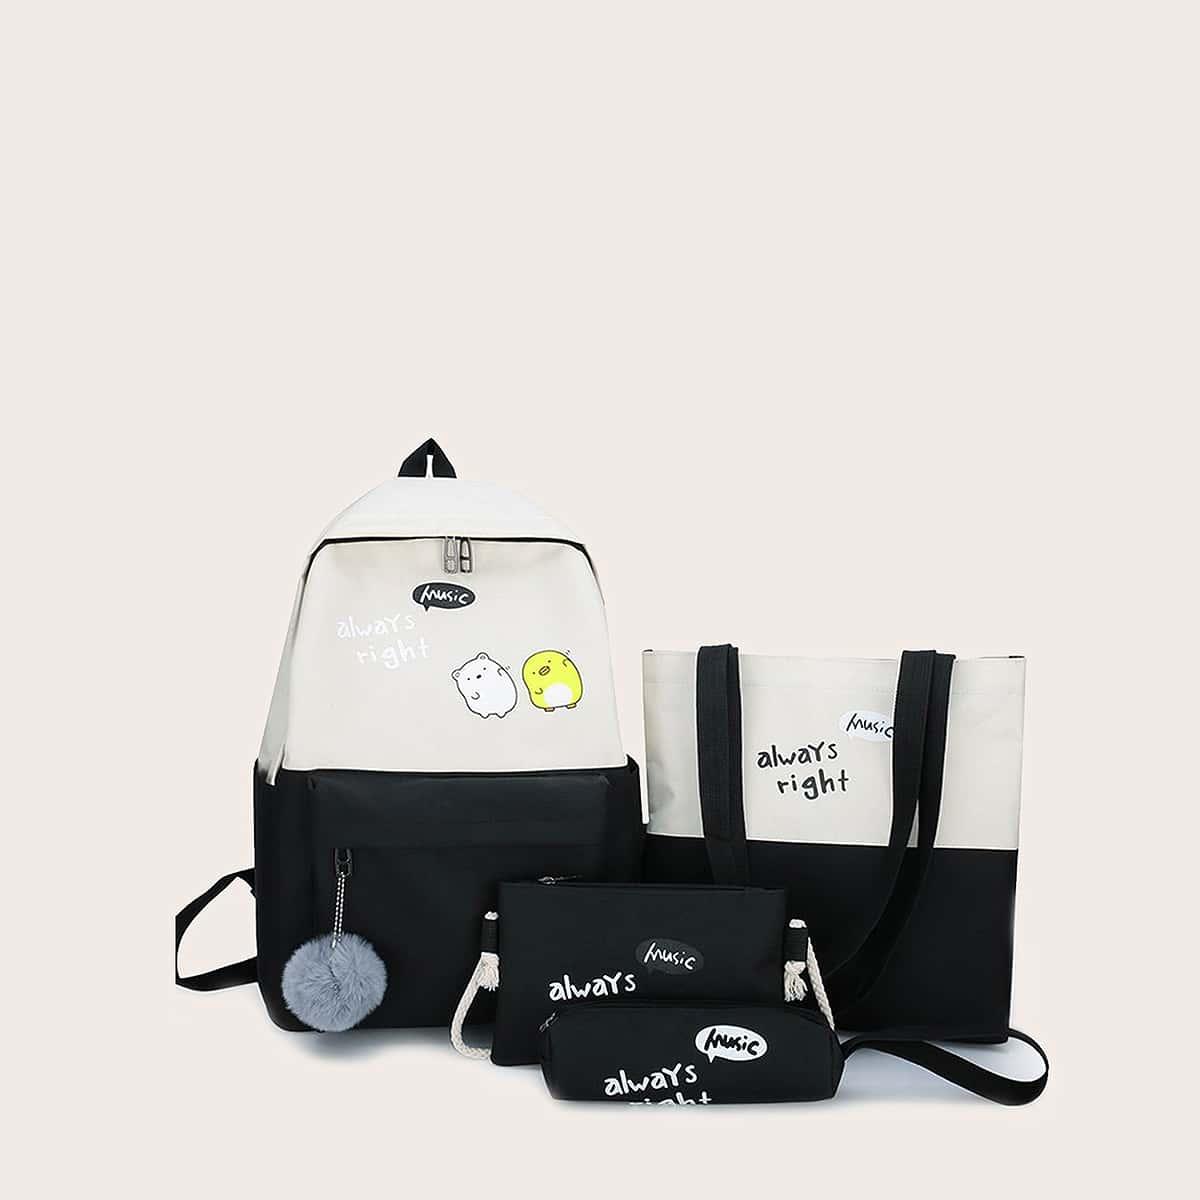 Рюкзак с текстовым рисунком и пеналом 4шт фото